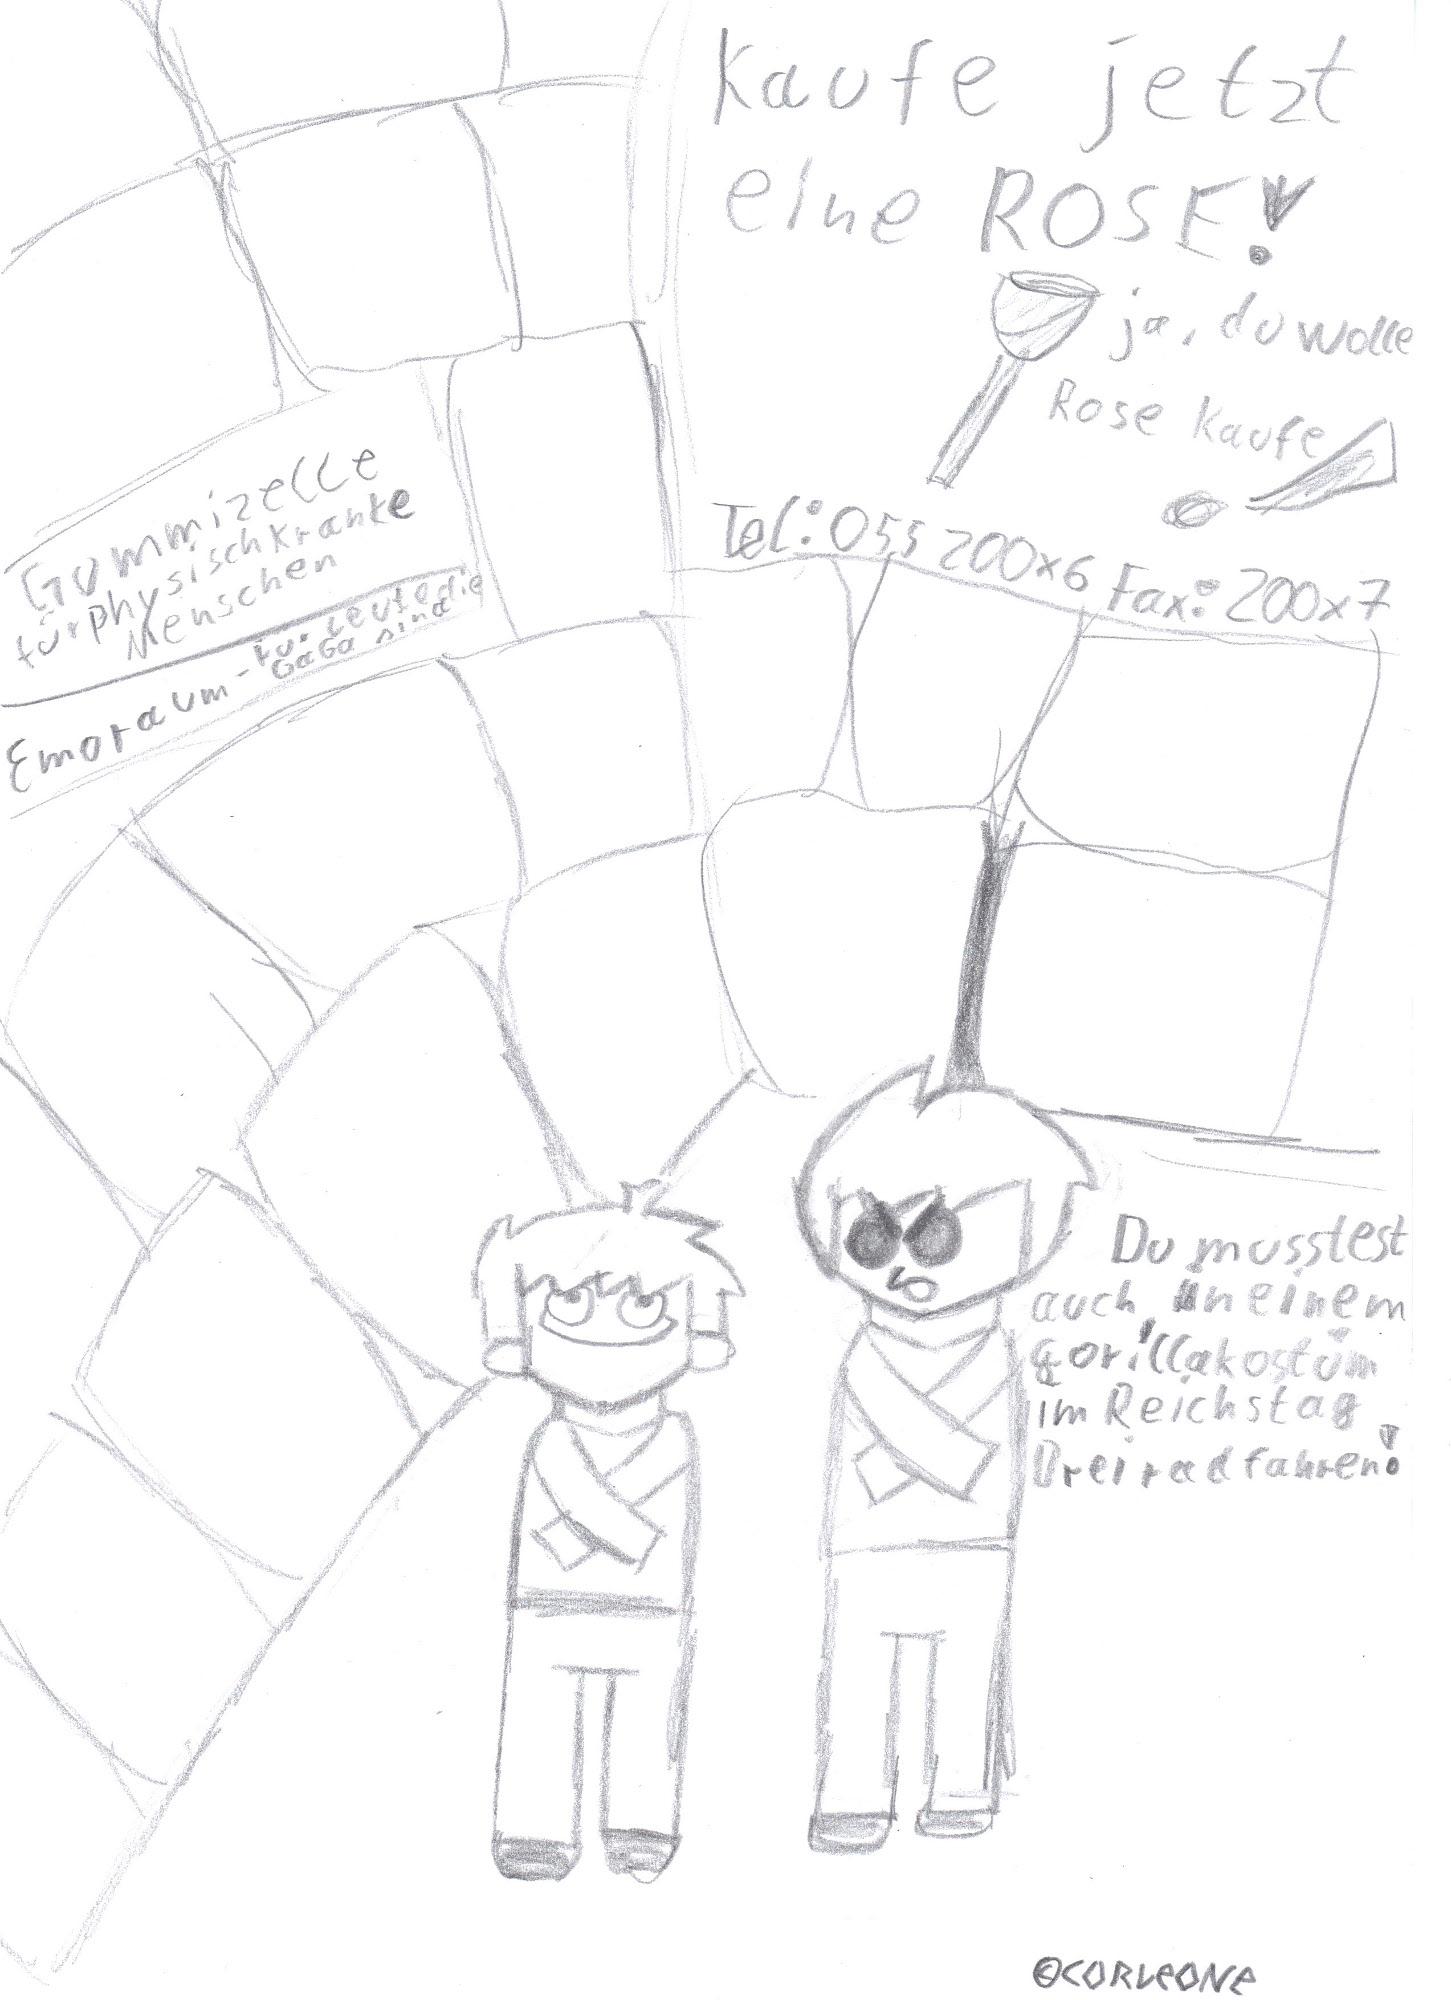 Pokémon-Zeichnung: Fratzenkrieg Zelle!